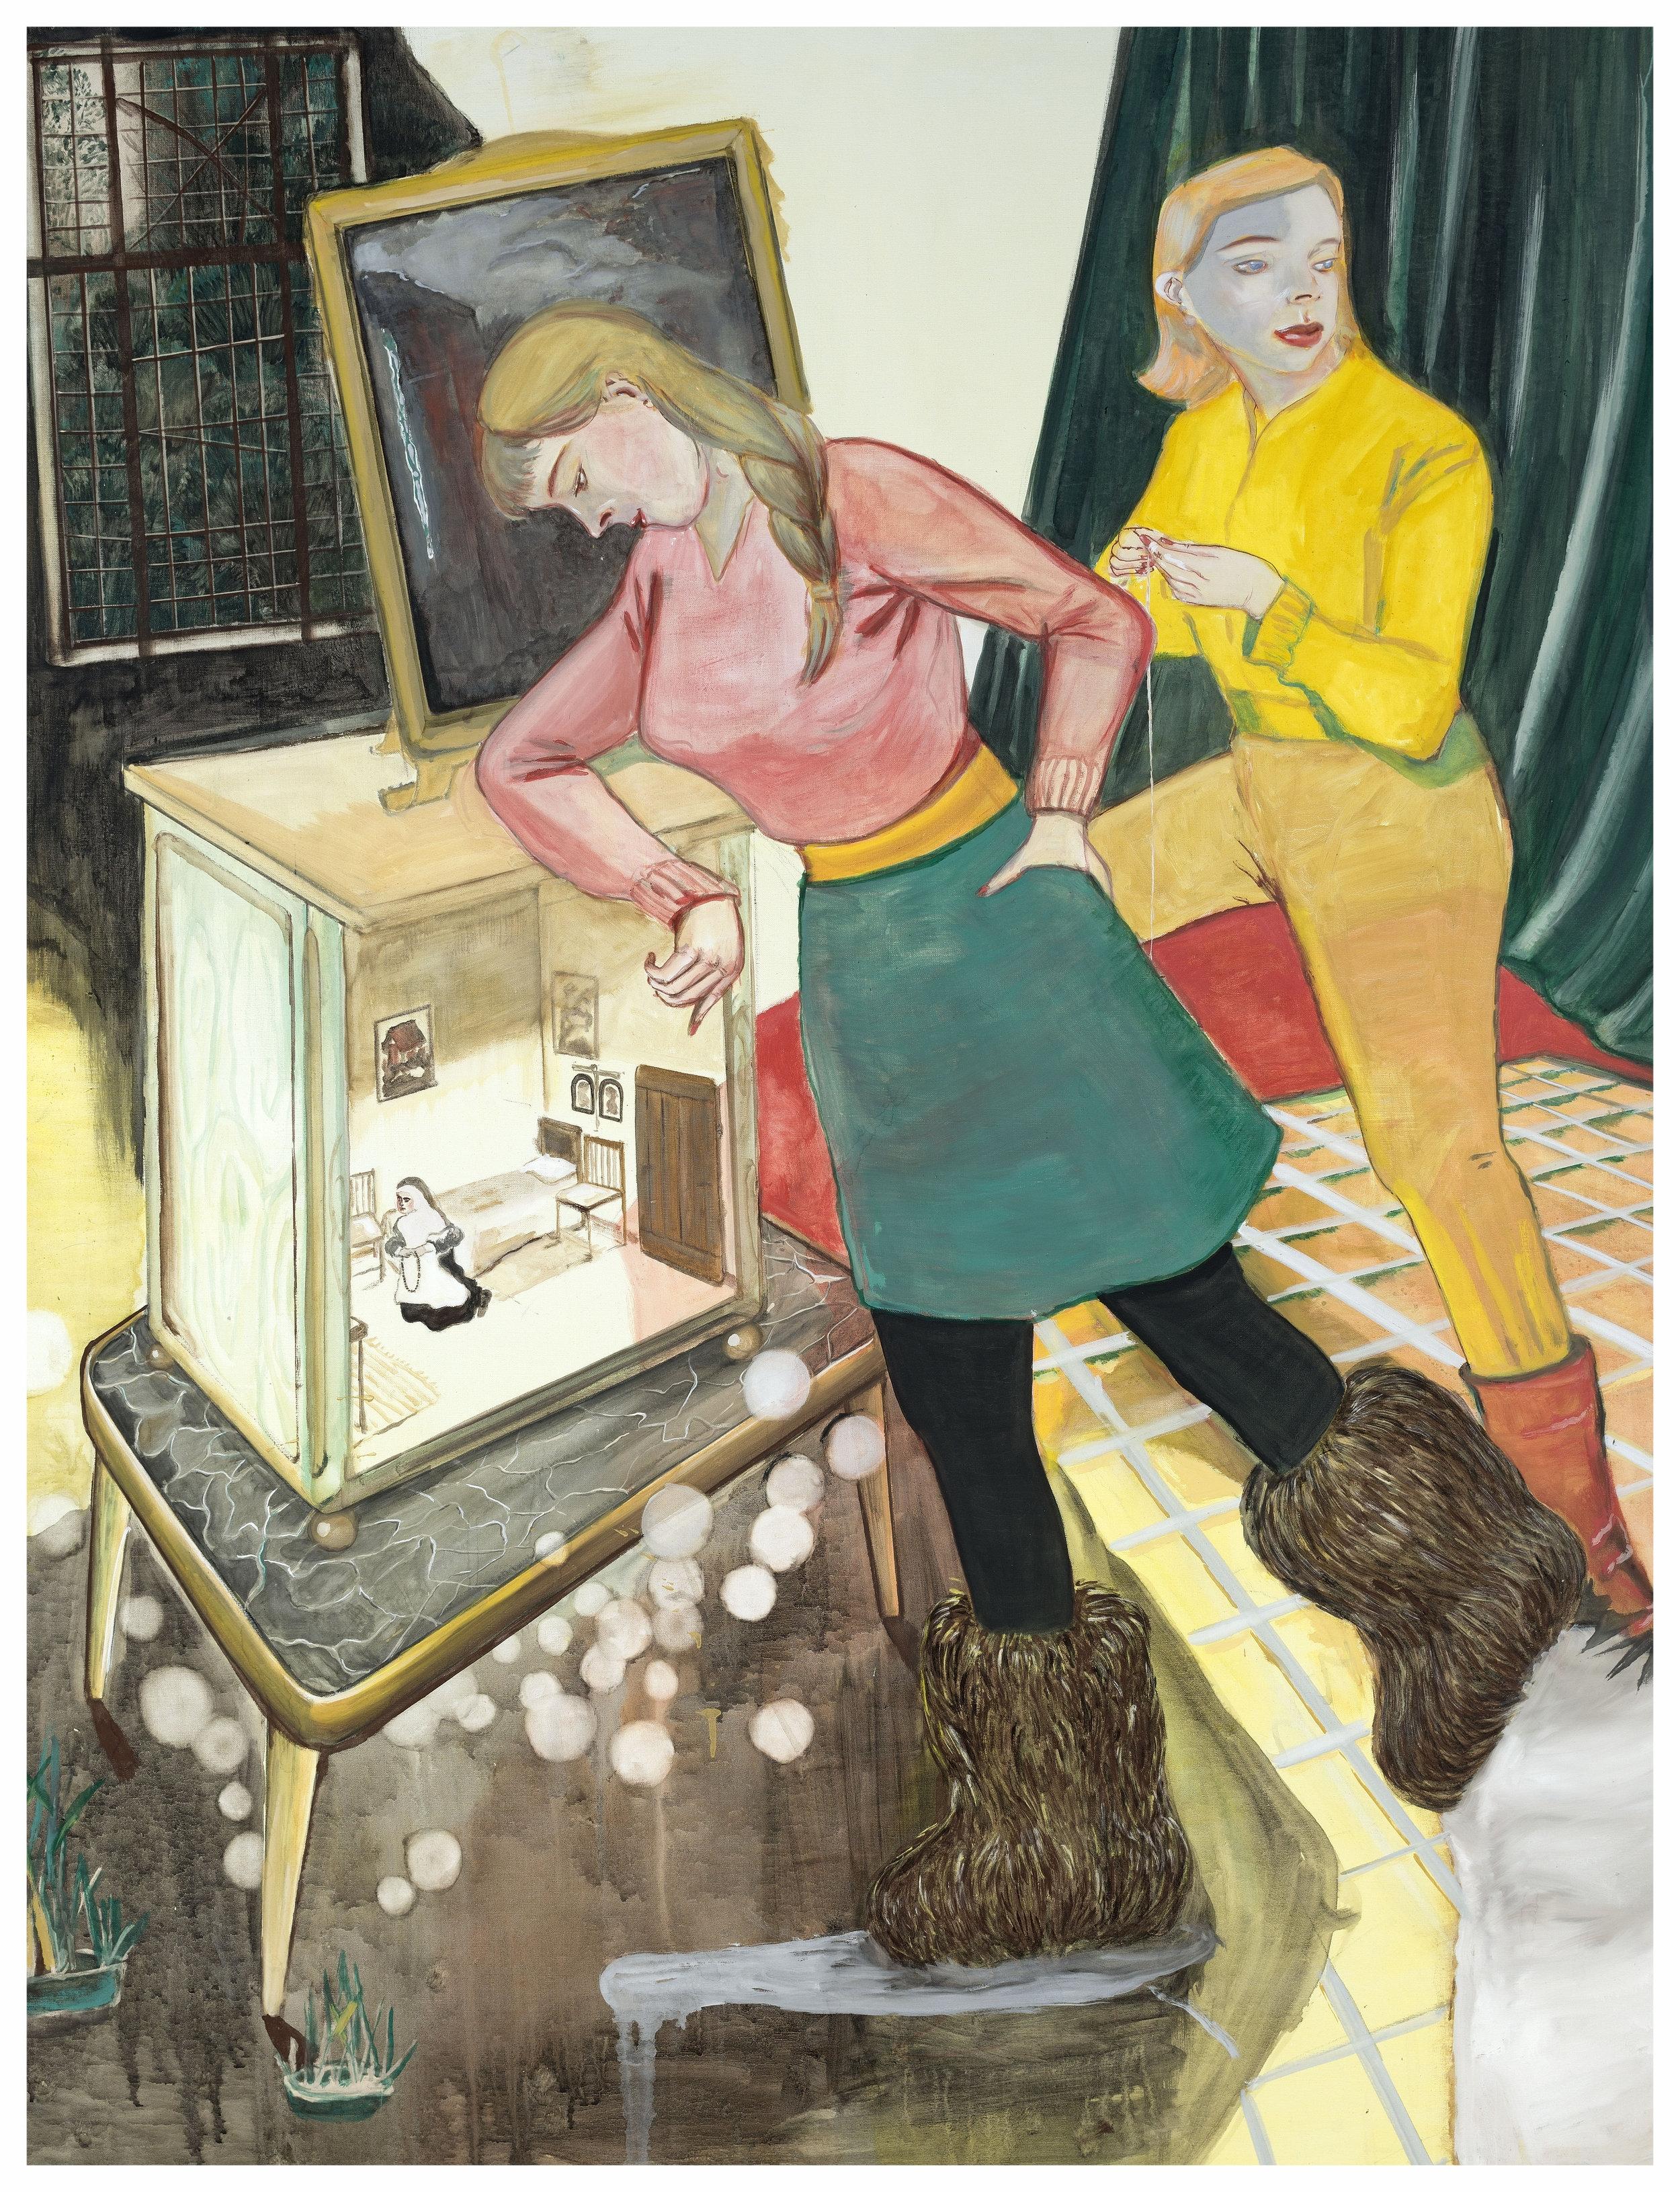 """""""Nonnenstübchen,"""" 2014, casein on canvas, 66 7/8 x 51 1/8 inches"""